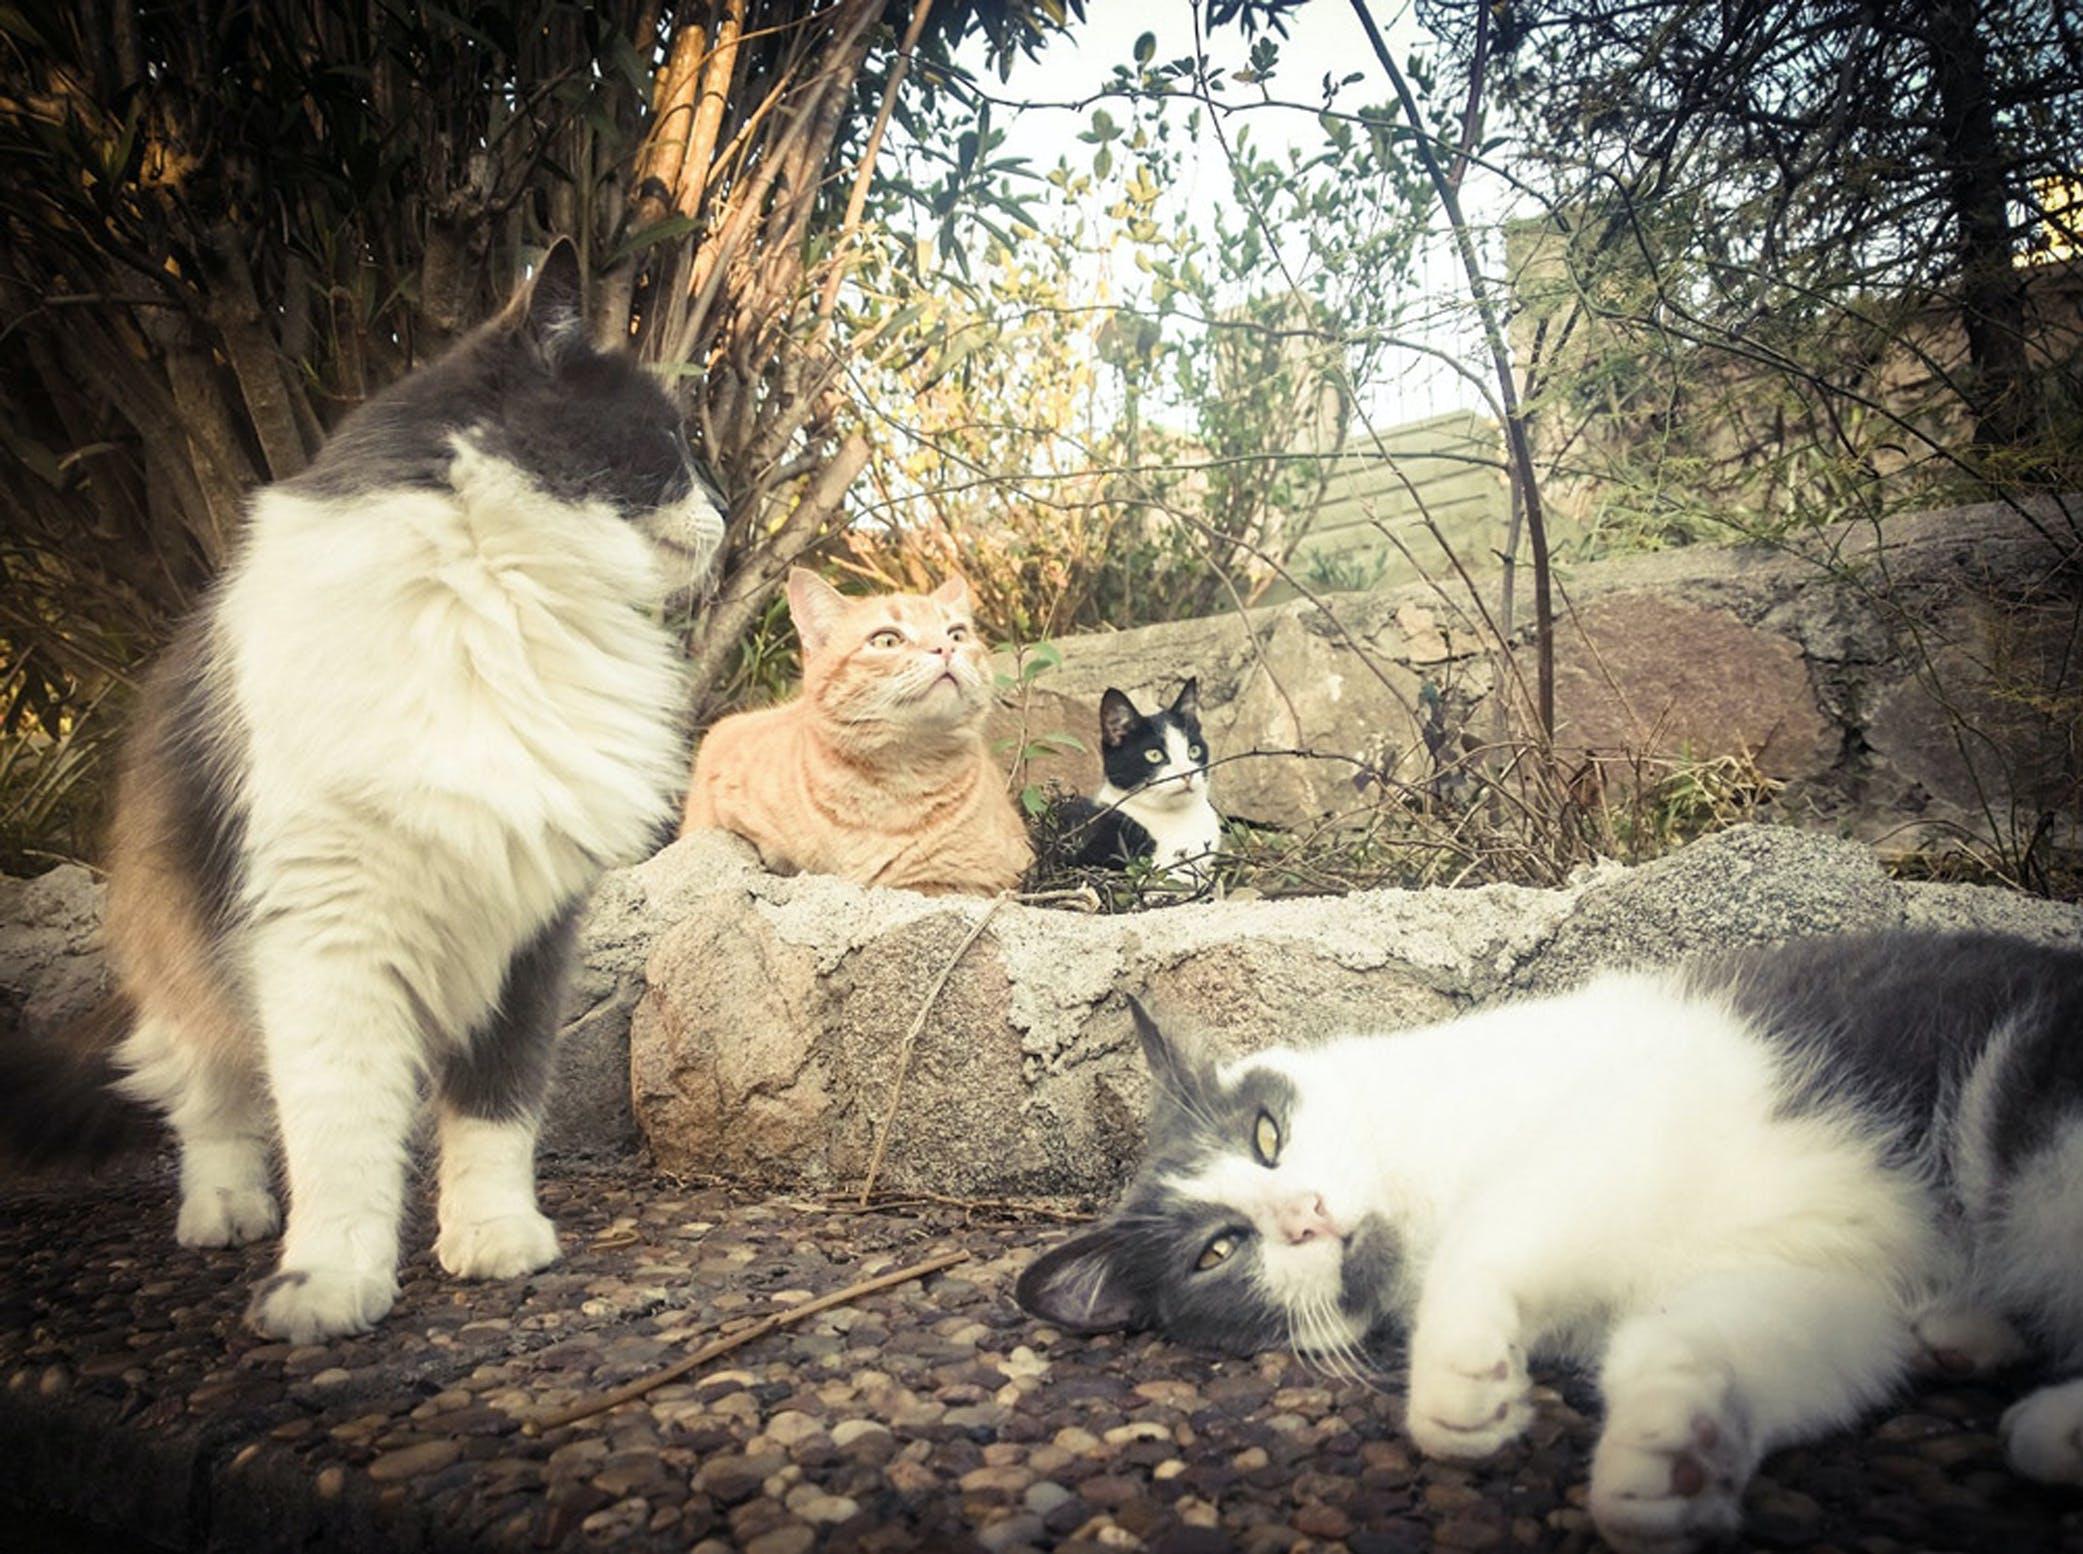 Δωρεάν στοκ φωτογραφιών με αγάπη, γάτες, ζωντανή μουσική, κατοικίδιο